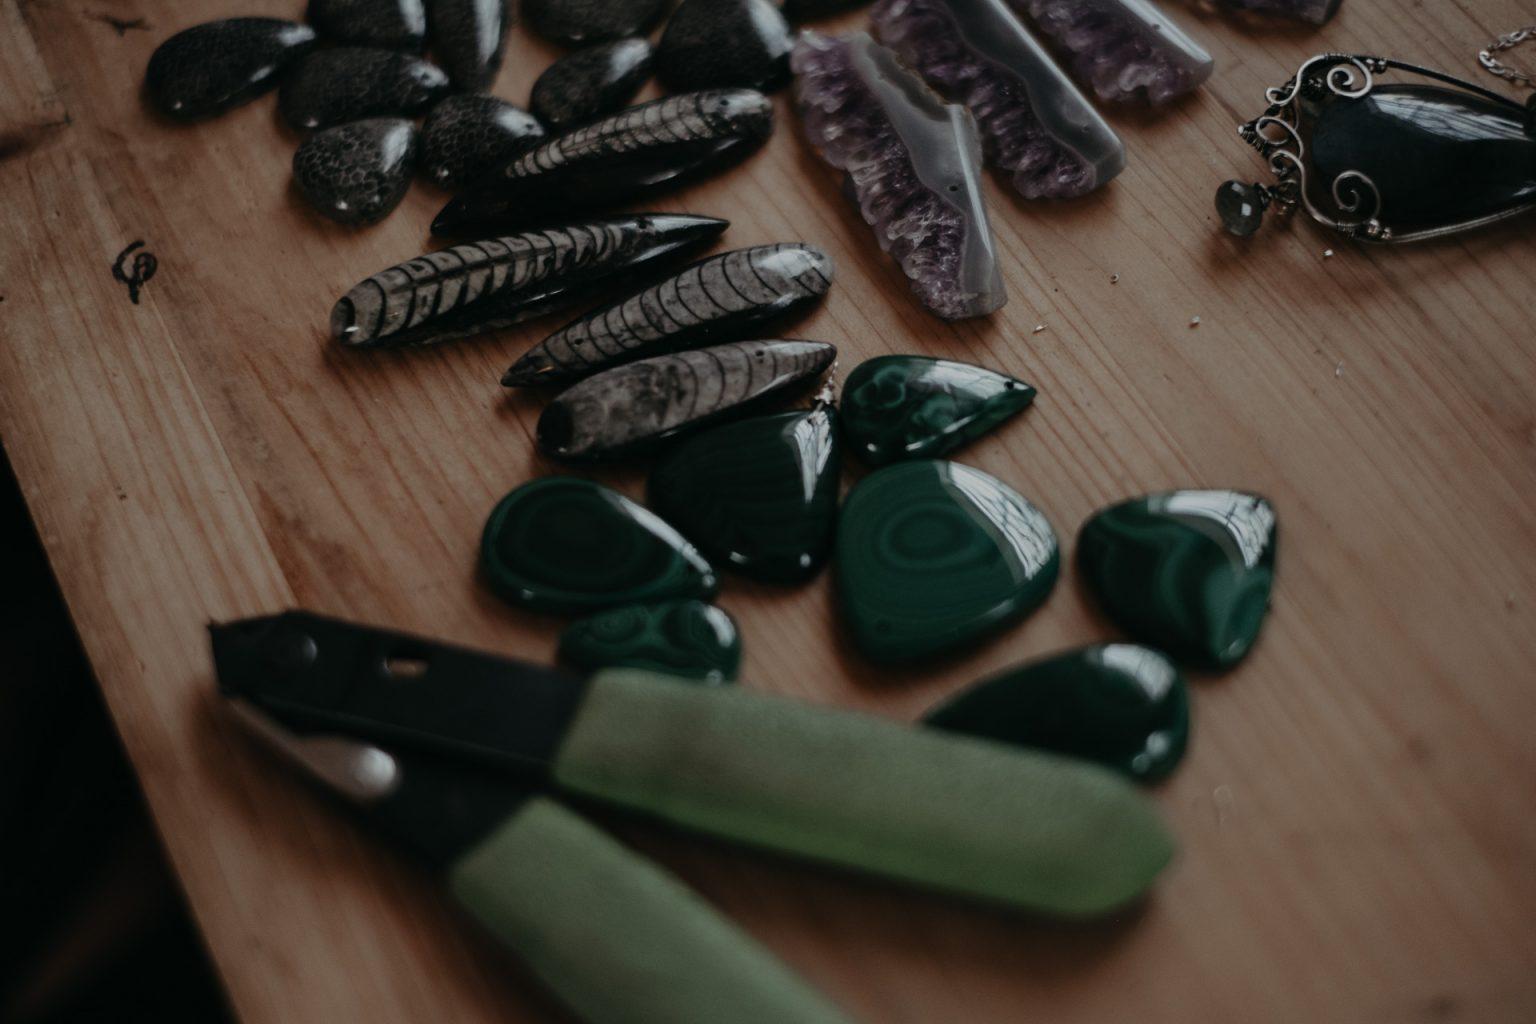 gemstones on table